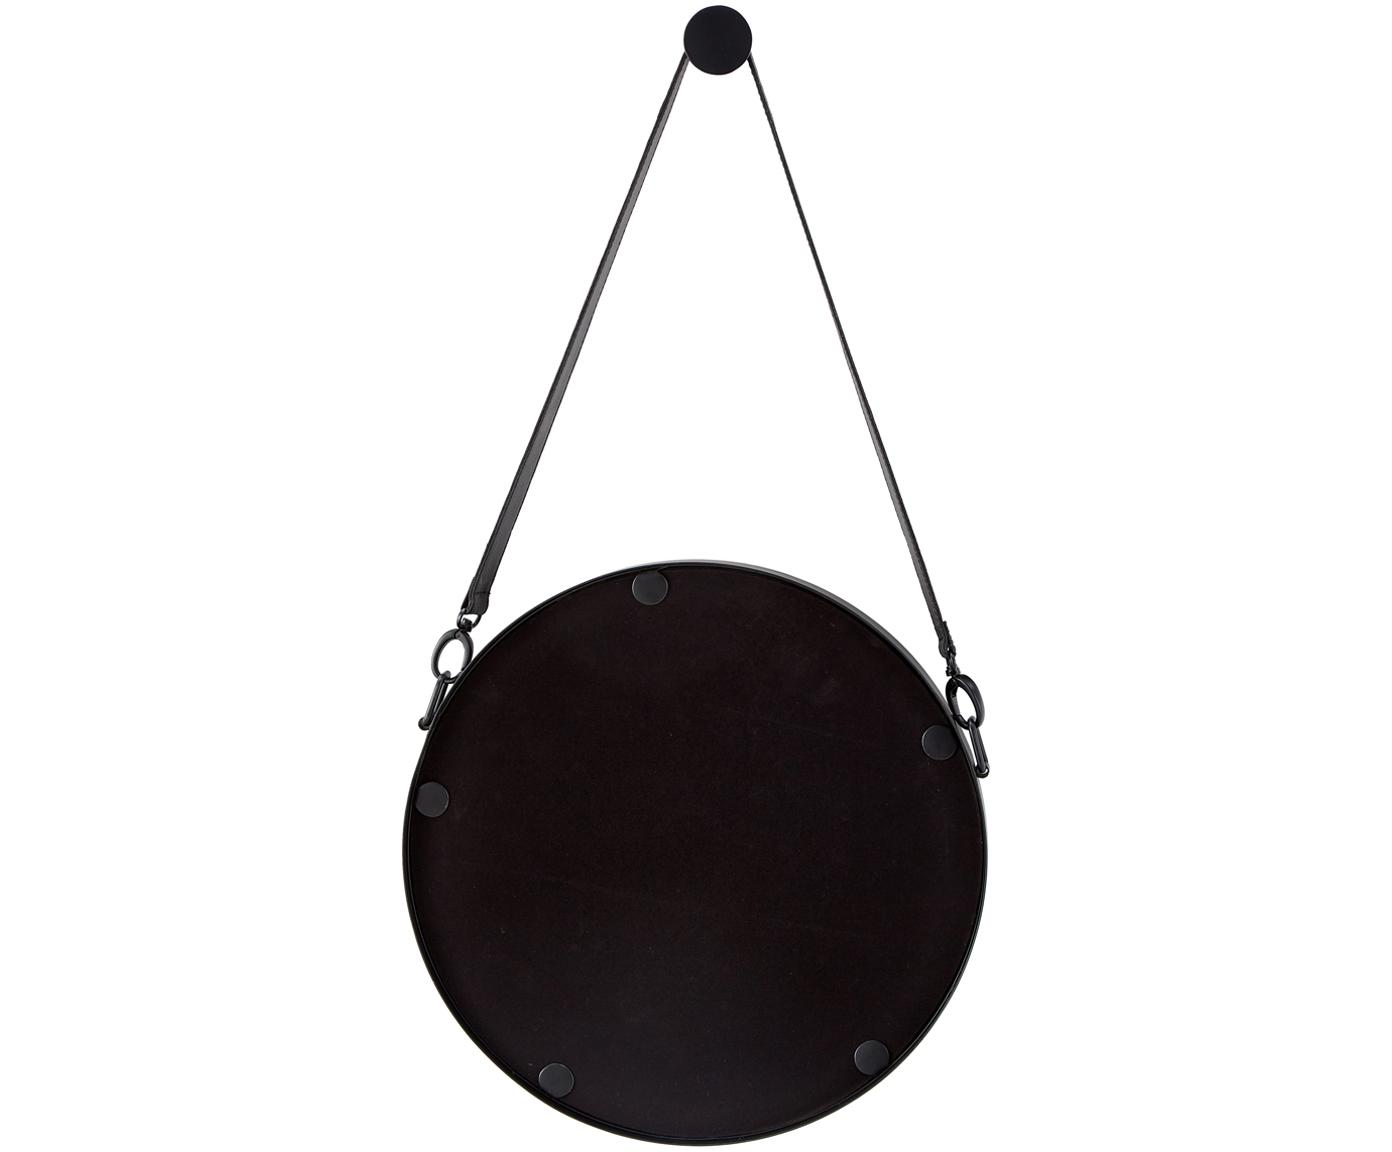 Runder Wandspiegel Liz mit schwarzer Lederschlaufe, Spiegelfläche: Spiegelglas, Rückseite: Mitteldichte Holzfaserpla, Schwarz, Ø 60 cm